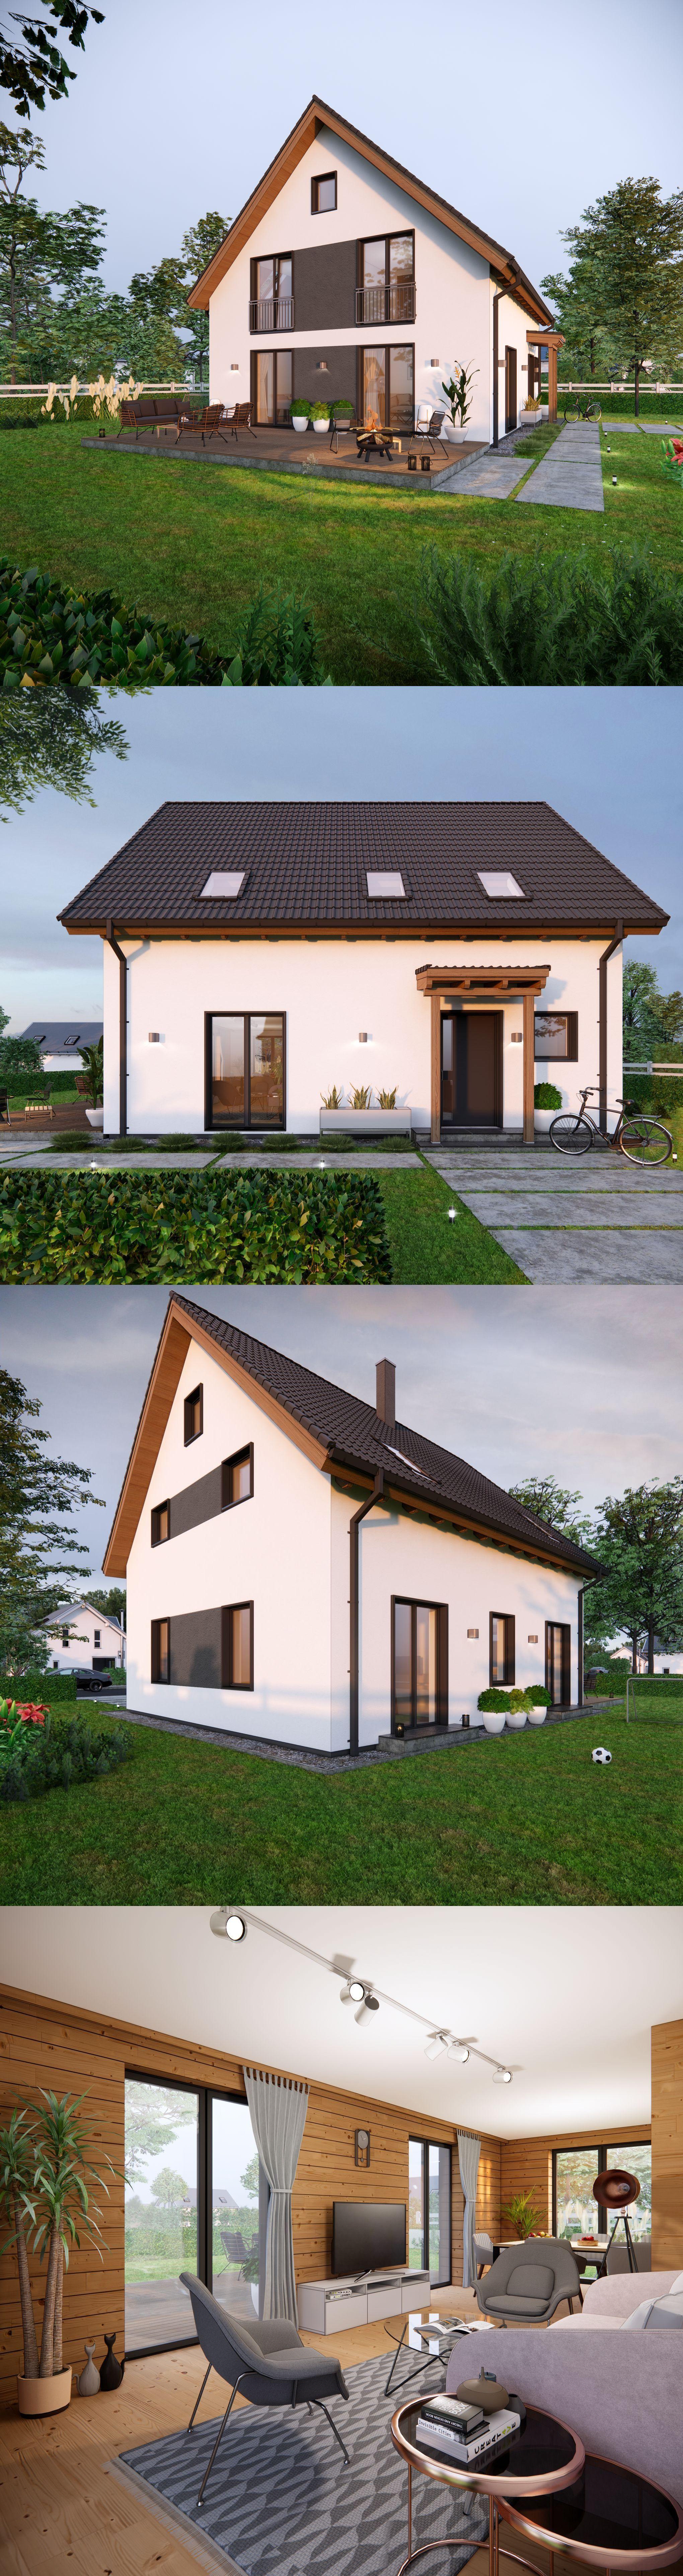 3D rendering: modern wooden single-family house